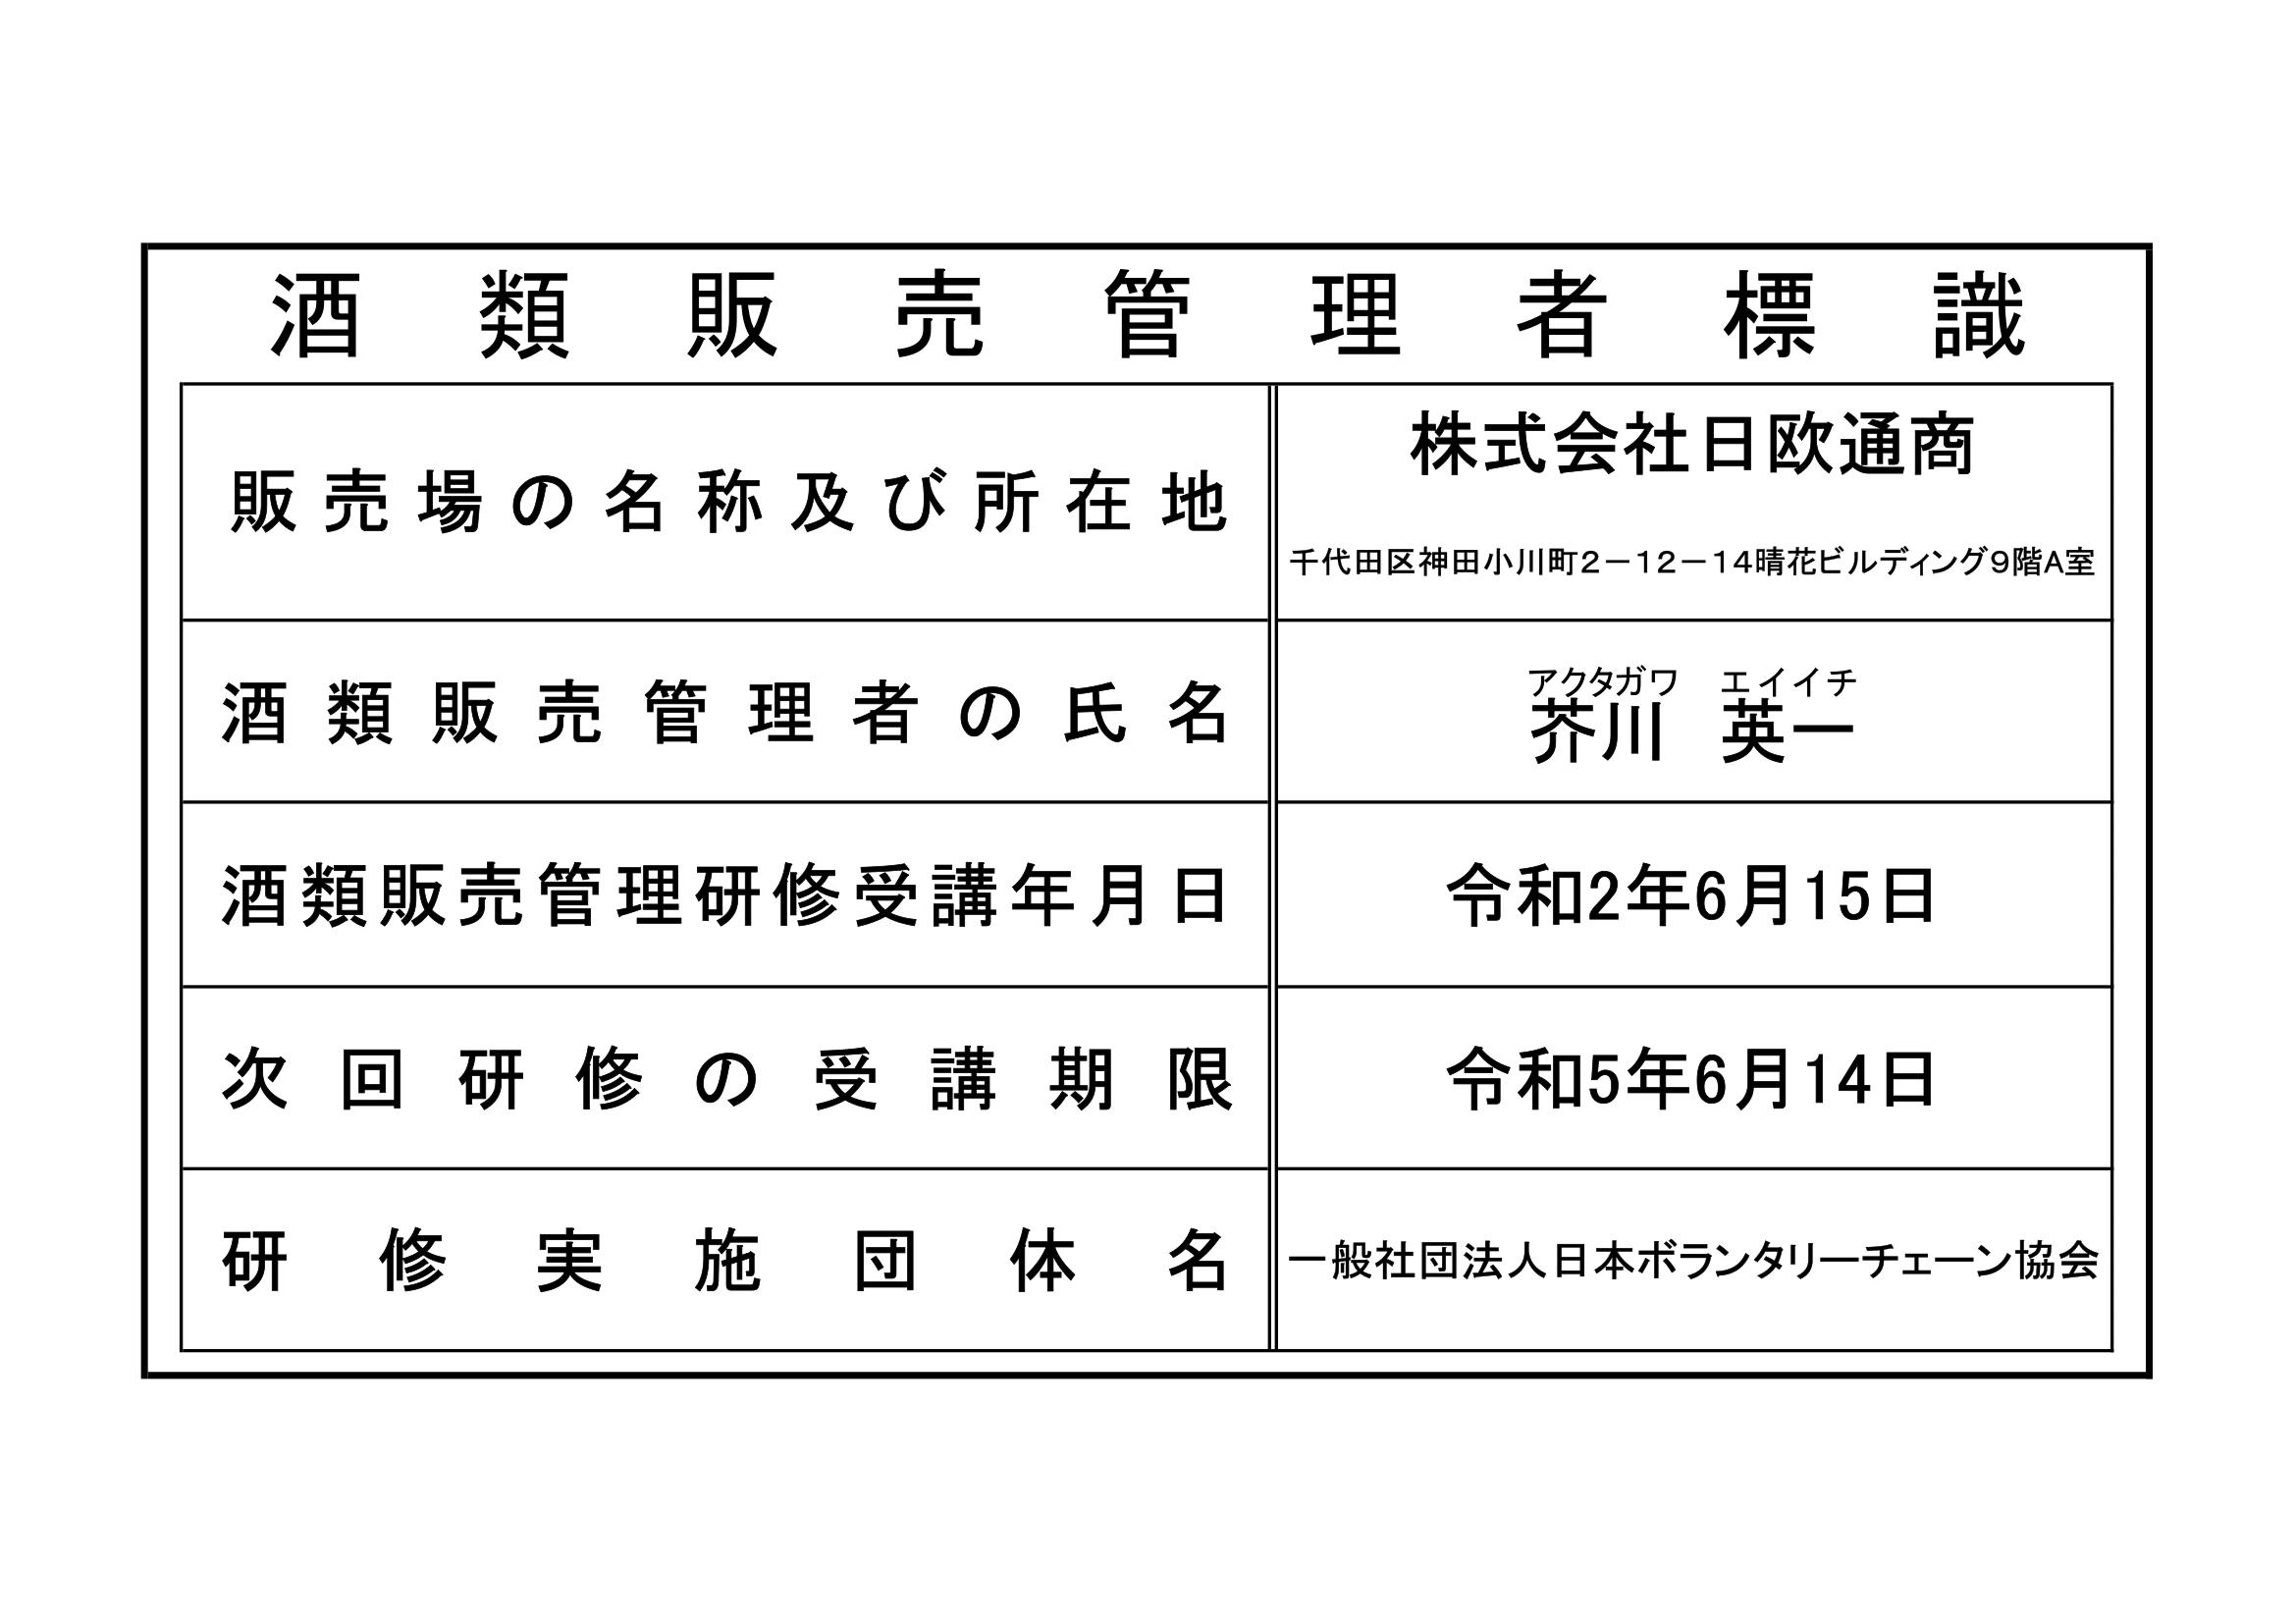 酒類管理販売者標識